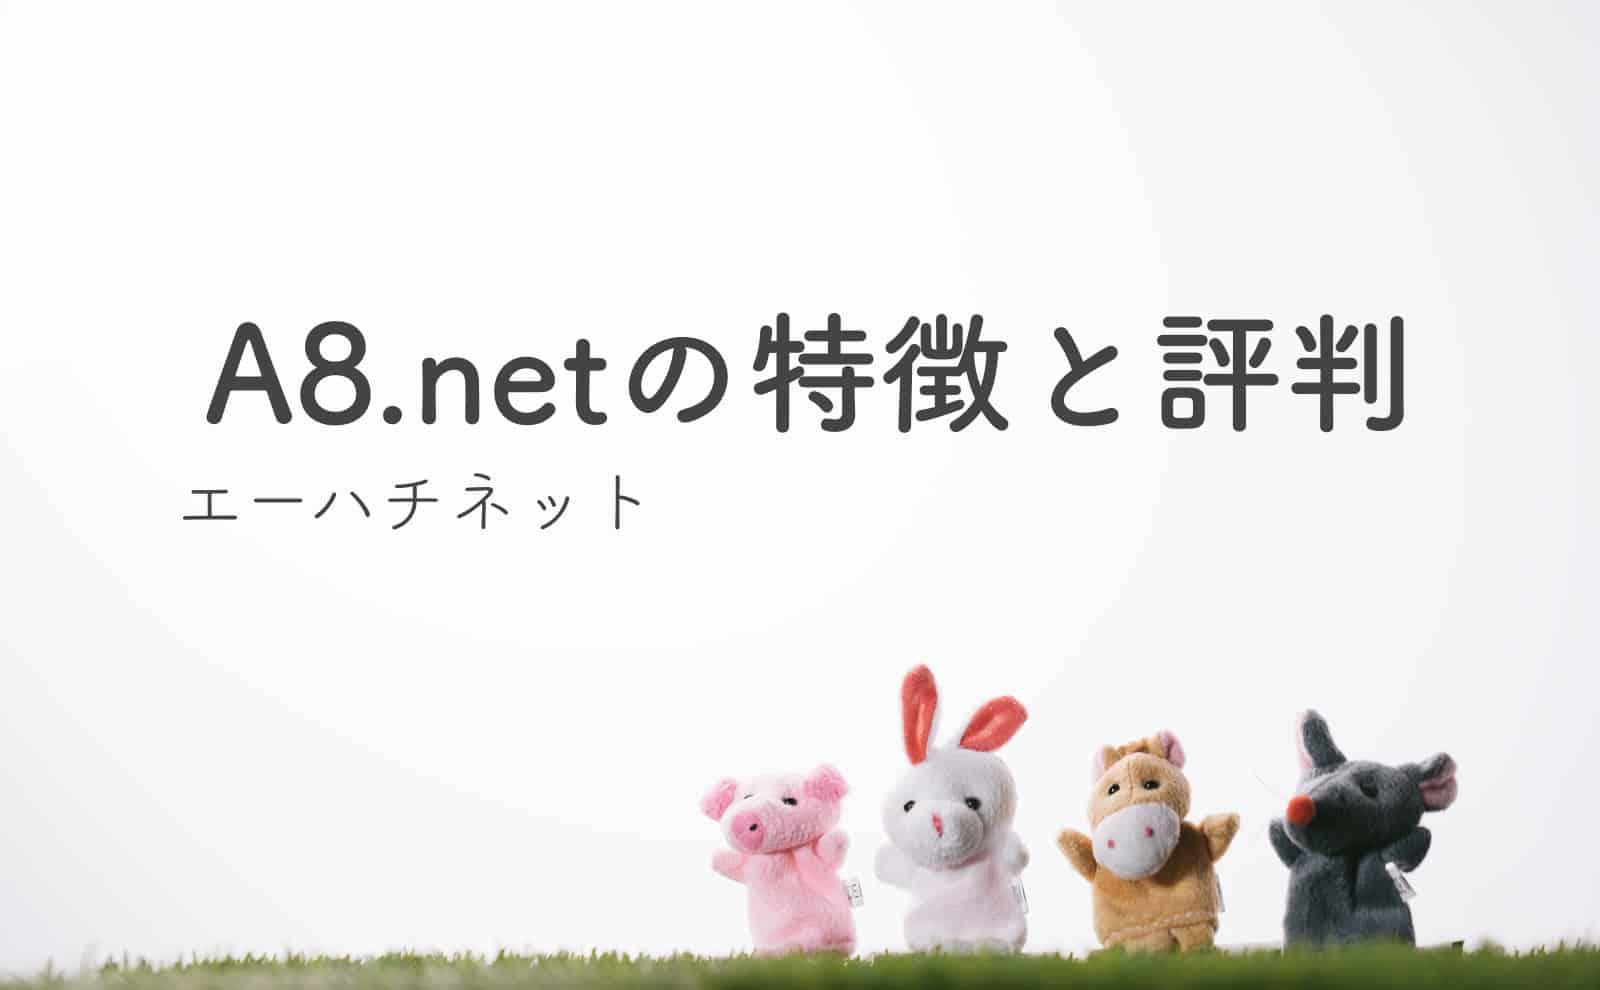 A8.net(エーハチネット)の特徴と評弾